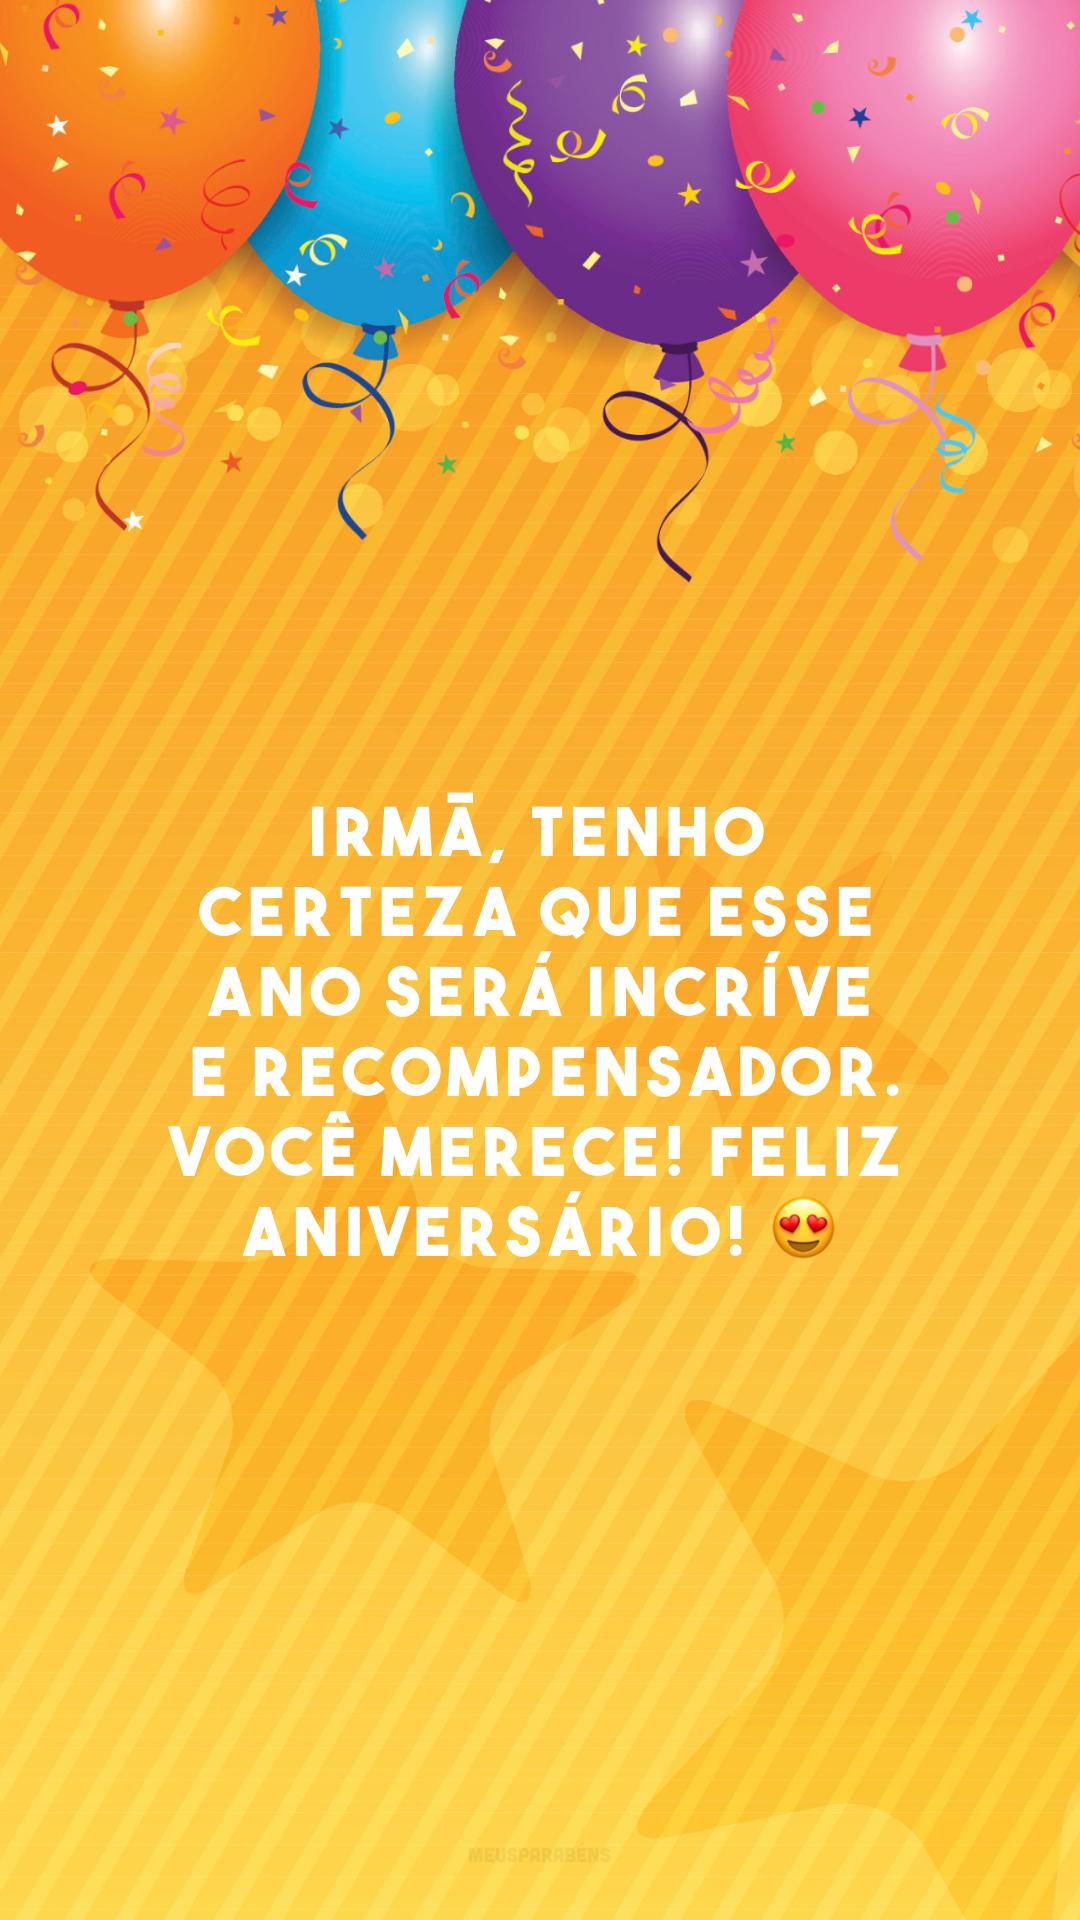 Irmã, tenho certeza que esse ano será incrível e recompensador. Você merece! Feliz aniversário! 😍